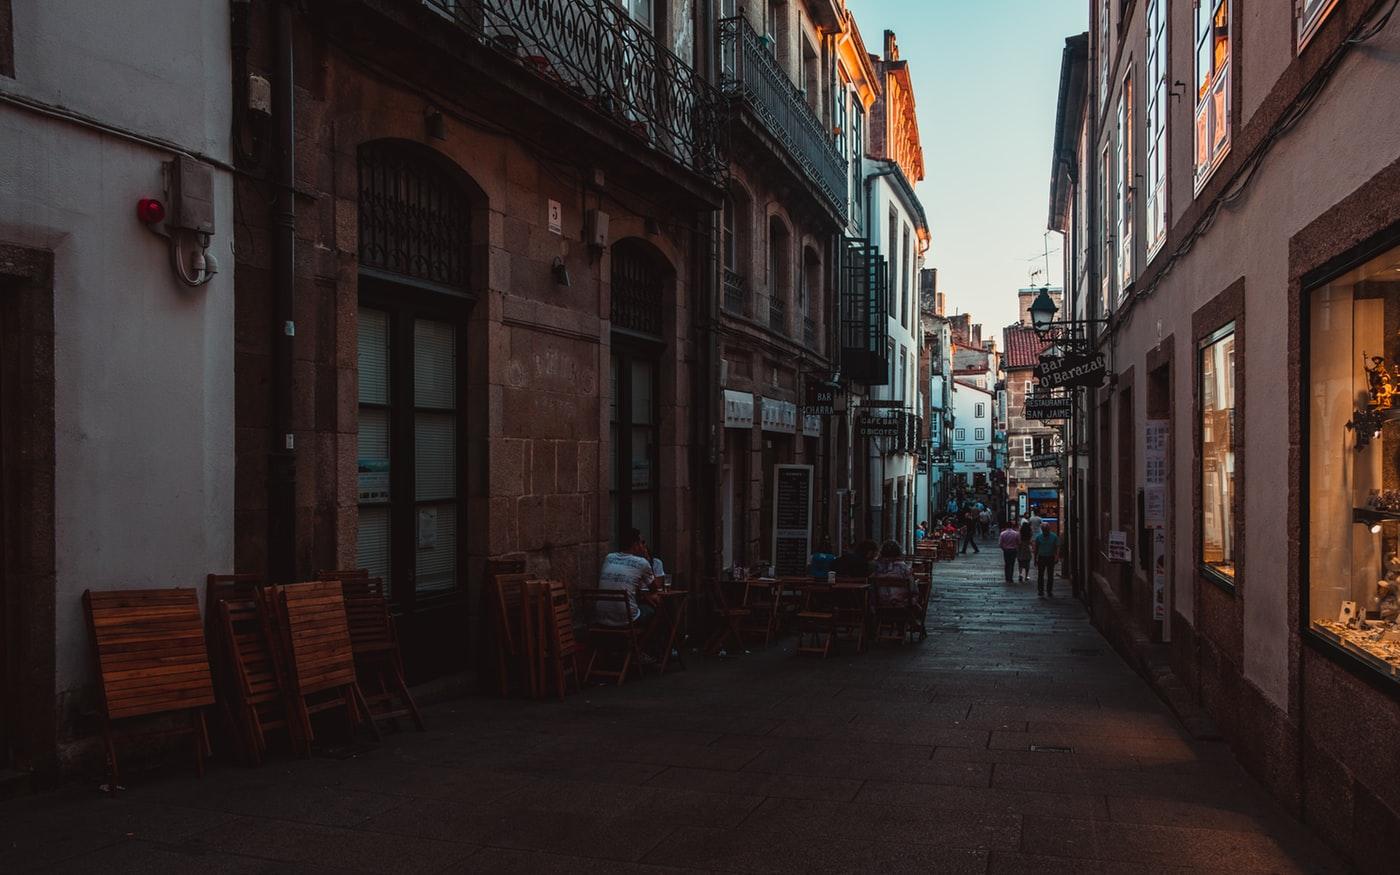 Portugal y norte de España en grupo (con Lisboa, Évora, Fátima, Oporto, Santiago, Oviedo y más)